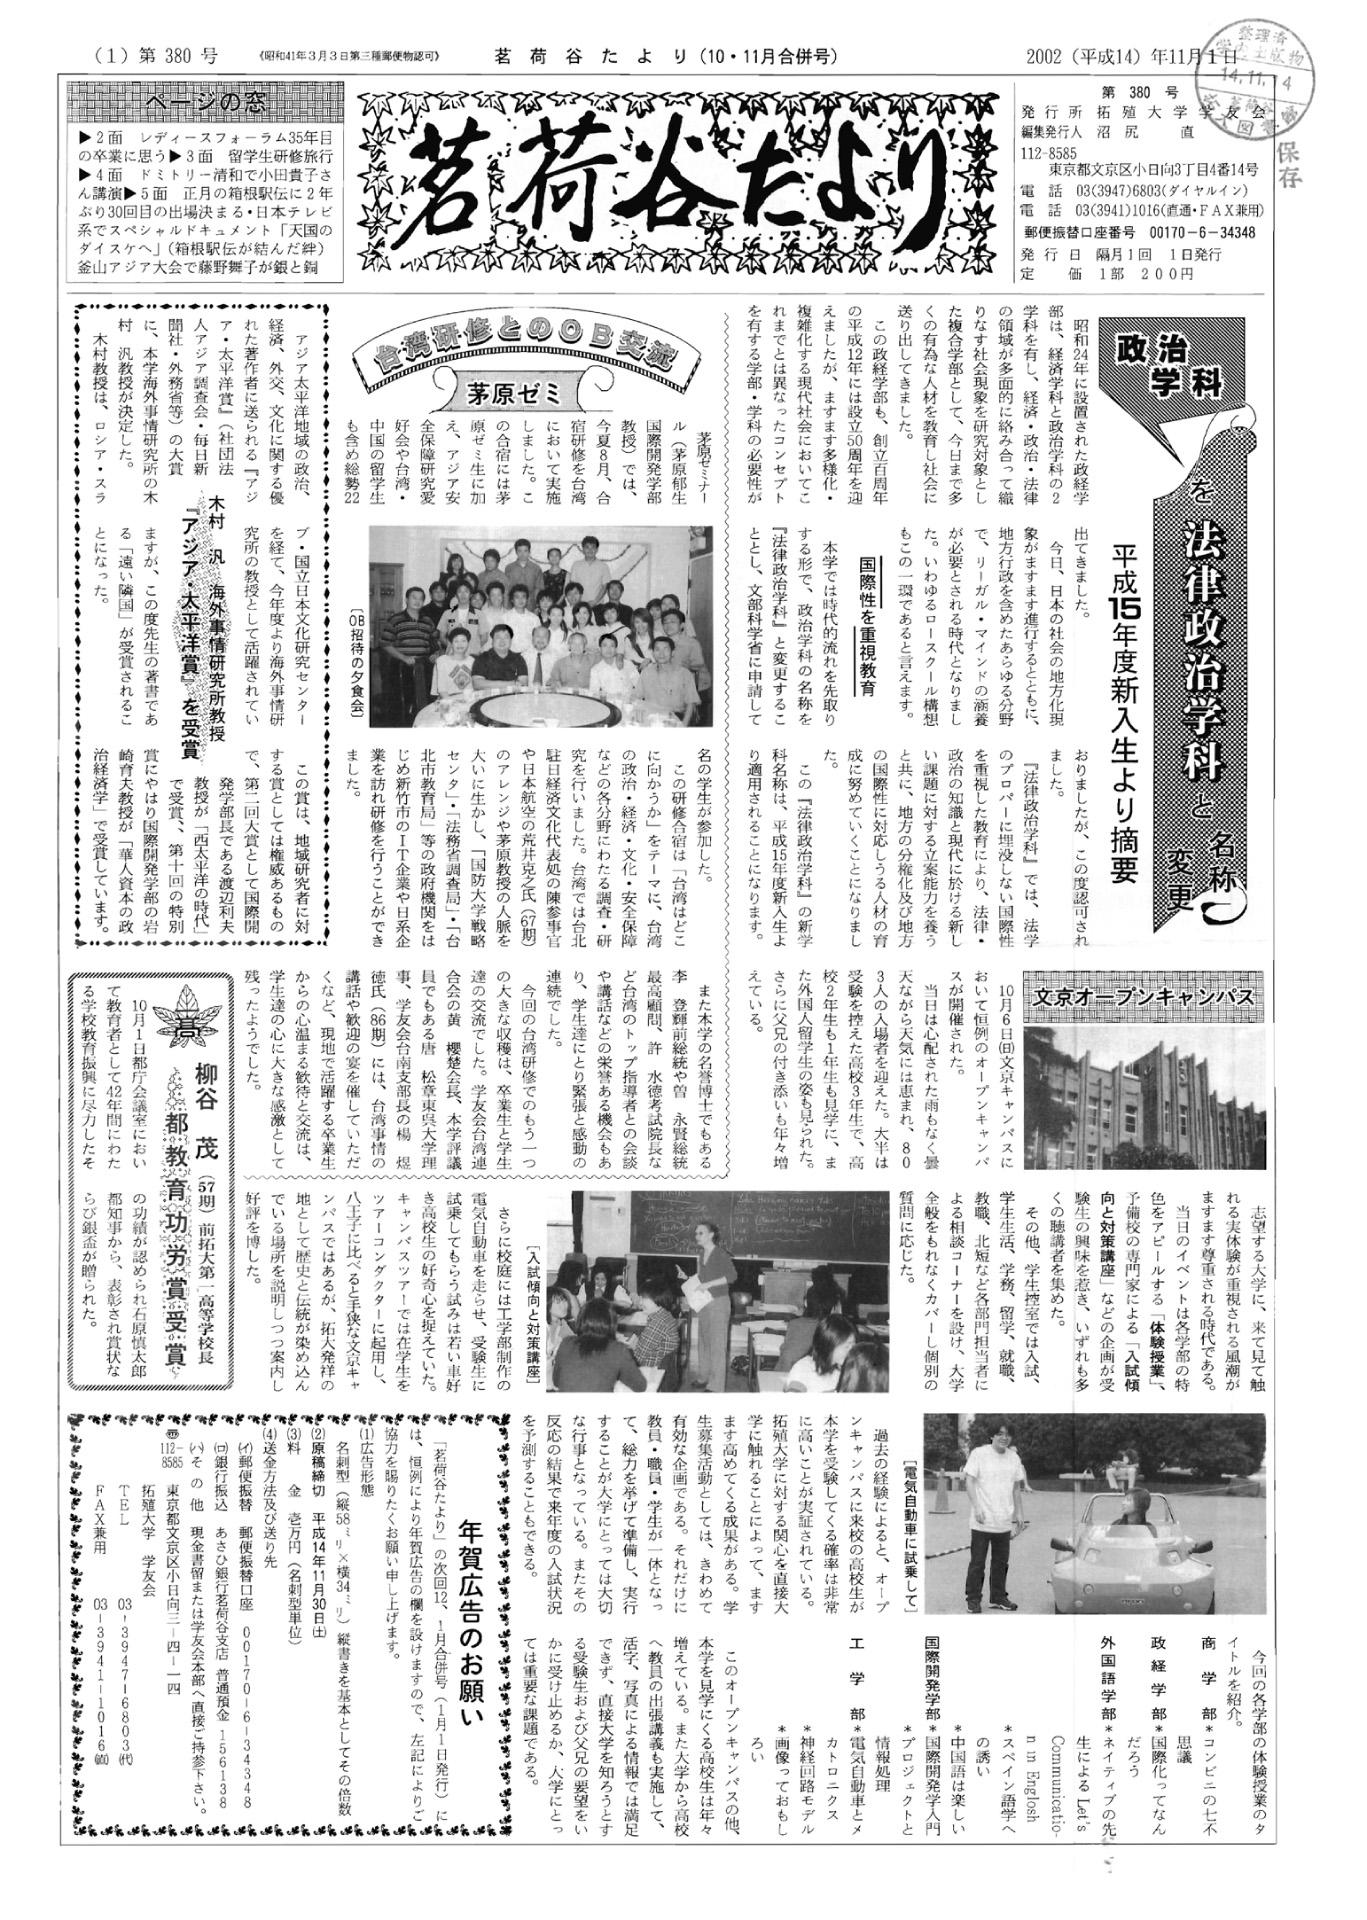 茗荷谷たより10・11月合併号(第380号)表紙